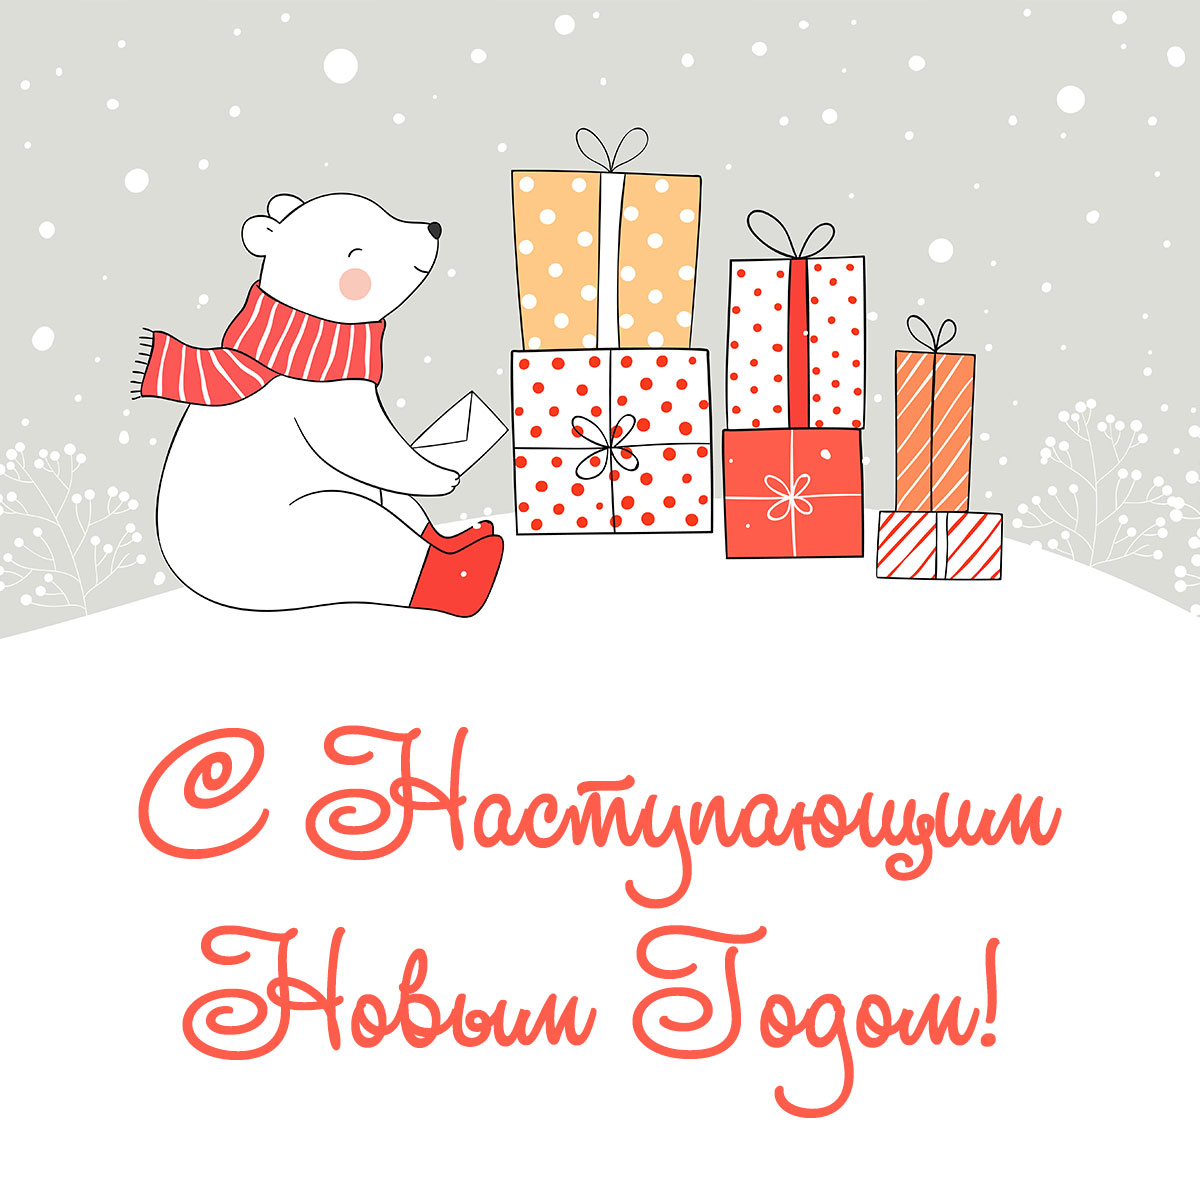 Картинка с красным текстом и белый медведь с подарками на снегу.